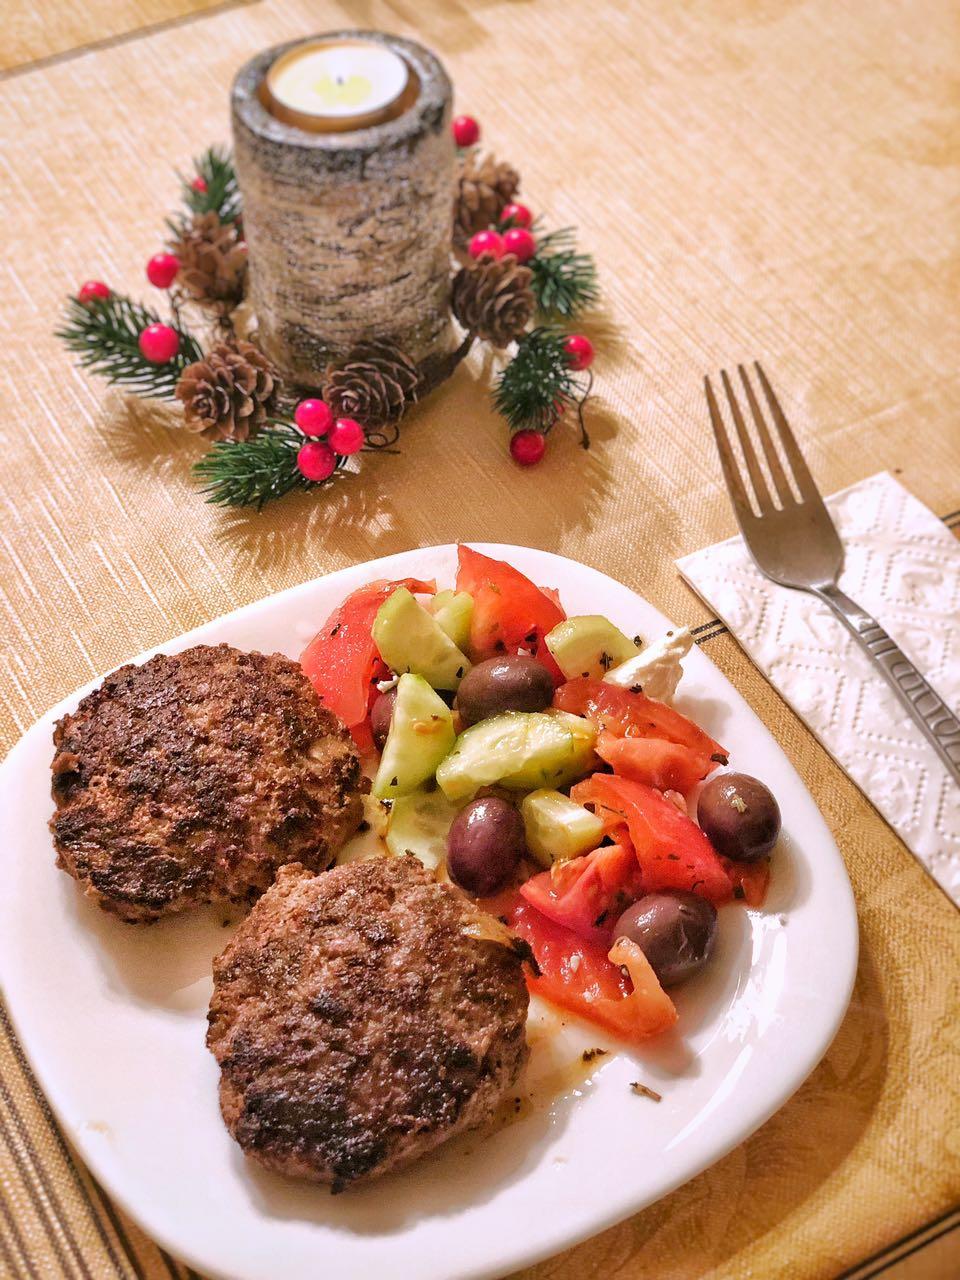 Конски кюфтета със салата от домати, краставици, авокадо, маслини и лук.